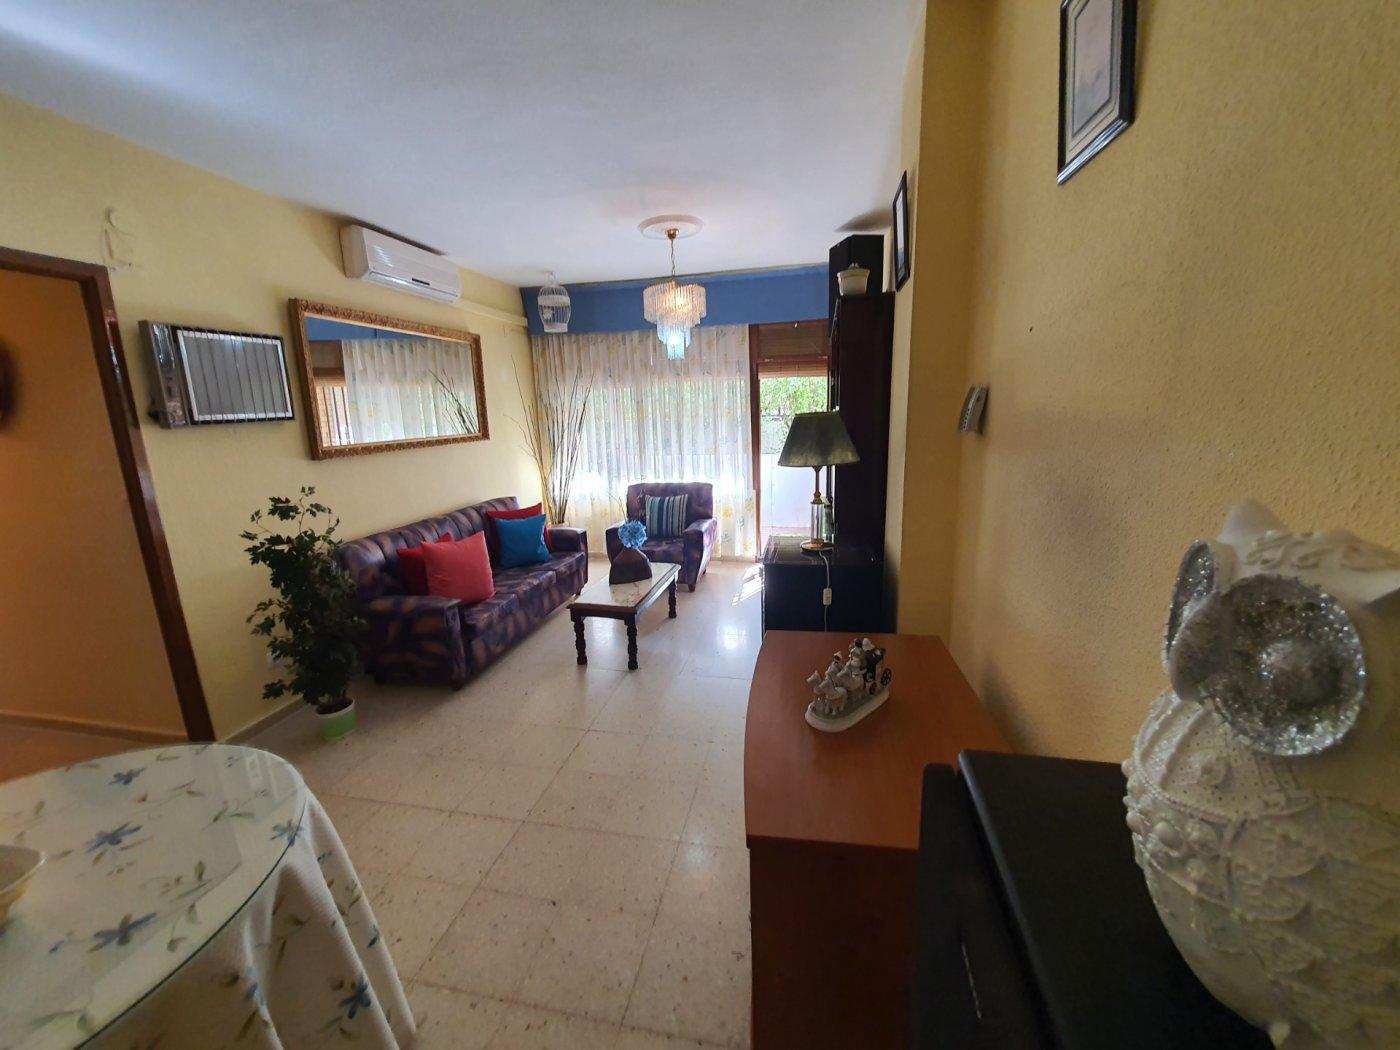 Piso · Córdoba · Sector Sur Zona Alta 46.000€€